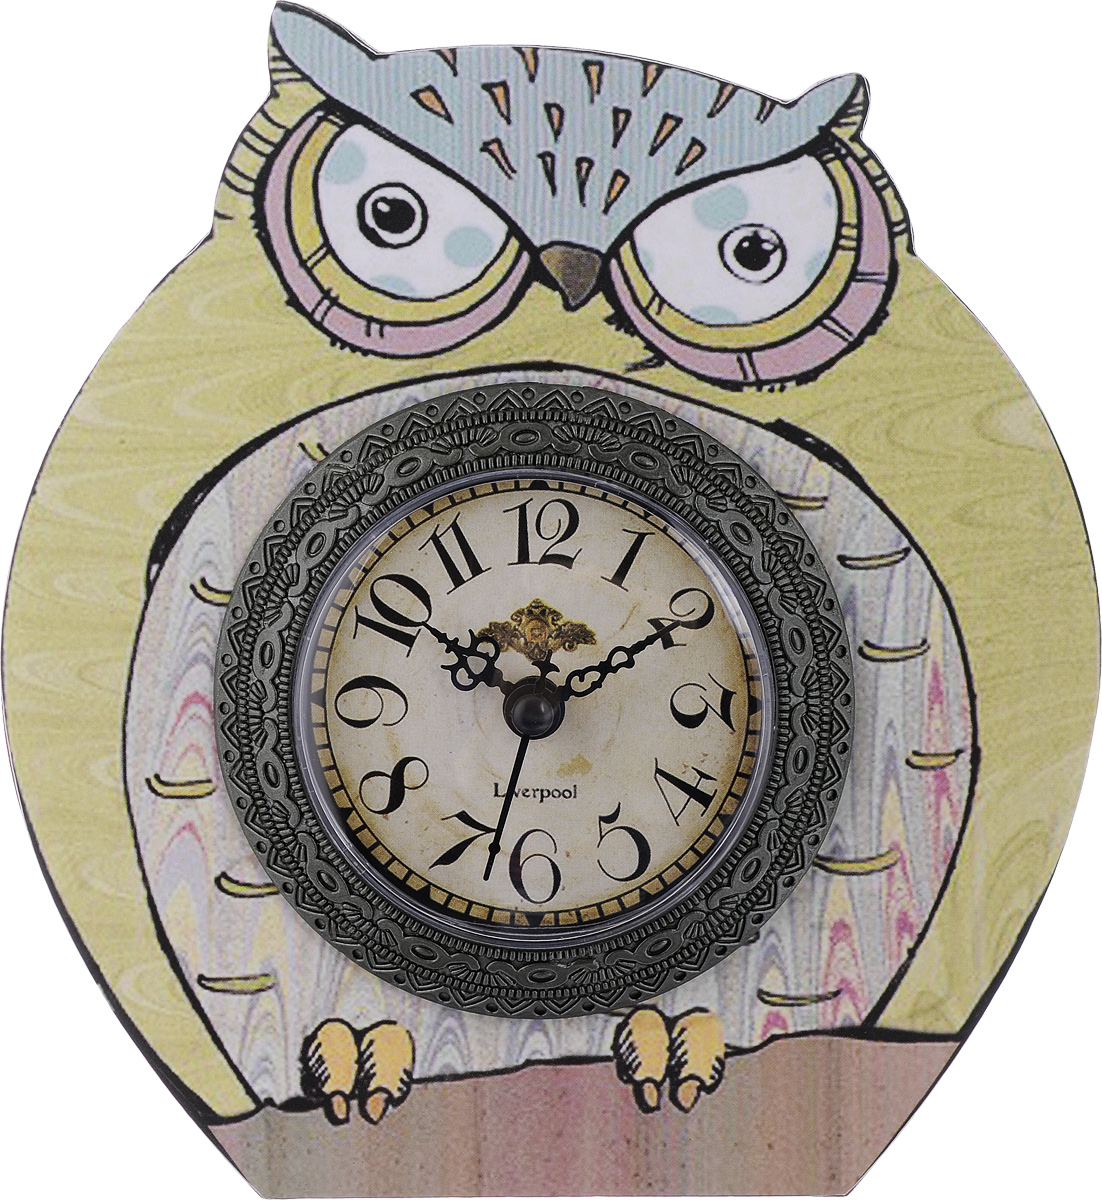 Часы настольные Феникс-Презент Мудрый филин, 17 х 16 см40736Настольные часы Феникс-Презент Мудрый филин своимэксклюзивным дизайном подчеркнут оригинальность интерьеравашего дома.Часы выполнены из МДФ в виде филина. МДФ(мелкодисперсные фракции) представляет собой плиту иззапрессованной вакуумным способом деревянной пыли и являетсянаиболее экологически чистым материалом среди себе подобных.Часы имеют три стрелки - секундную, часовую и минутную. Настольные часы Феникс-Презент Мудрый филин подходятдля кухни, гостиной, прихожей или дачи, а также могут статьотличным подарком для друзей и близких. ВНИМАНИЕ!!! Часы работают от сменной батареи типа АА 1,5V(в комплект не входит).